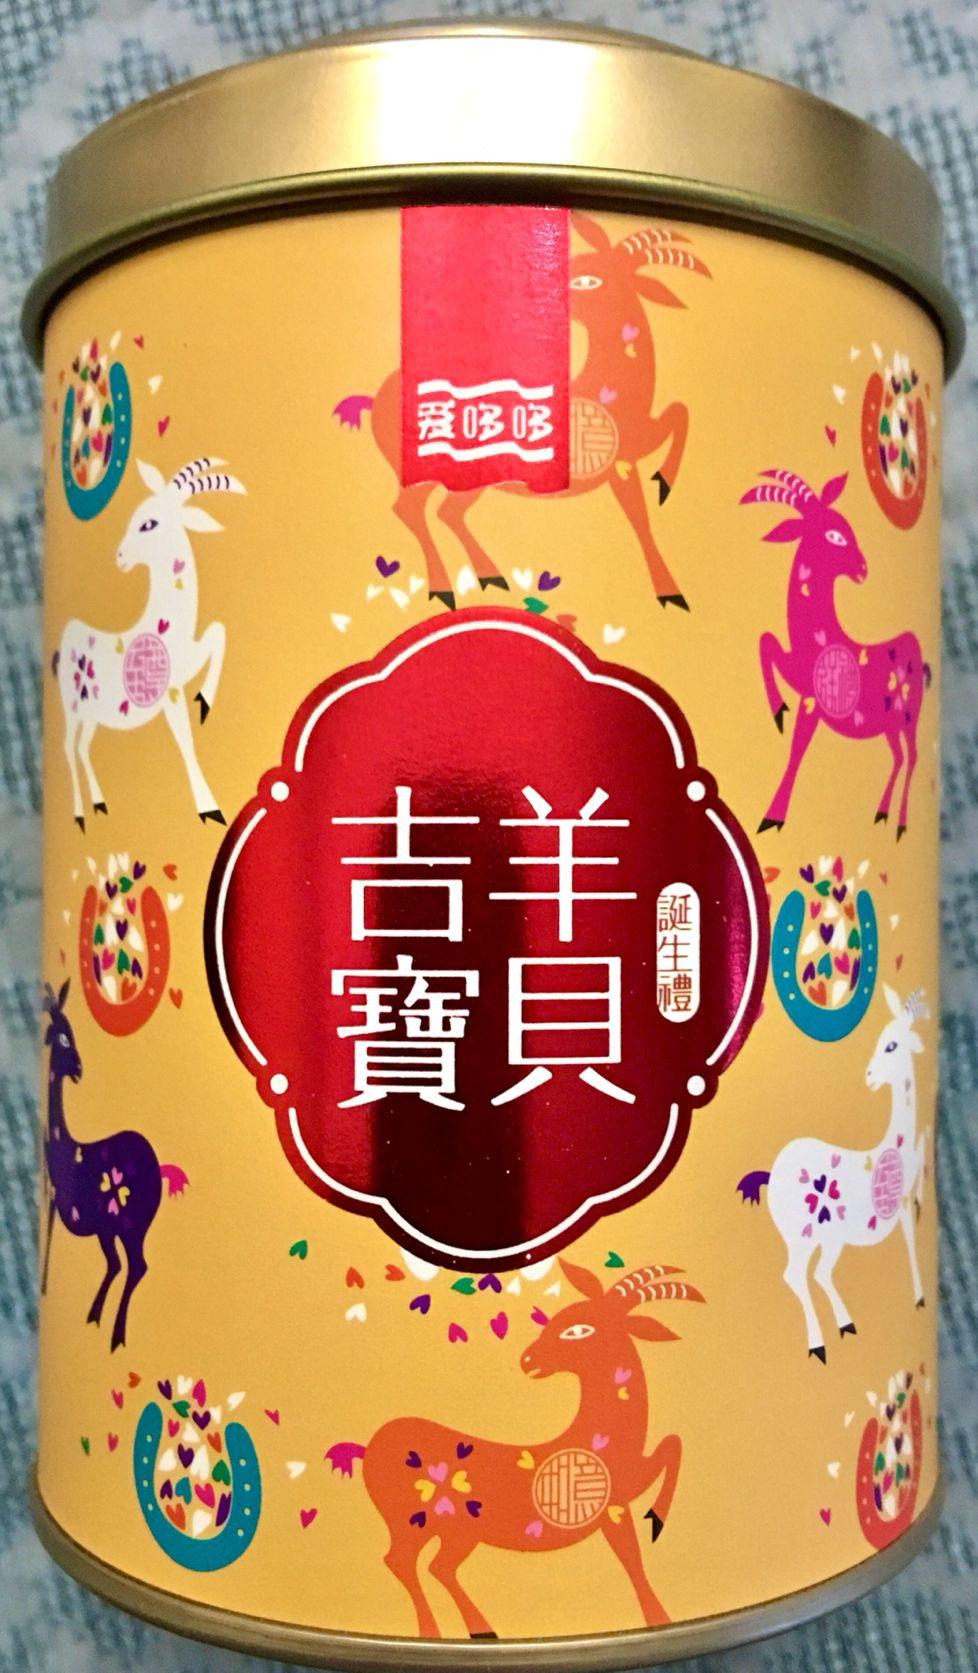 Ài Duō Duō Jí Yáng Bǎo Beì Y10 Chá (Dàn Shēng Lǐ), 爱哆哆吉羊寶貝Y10茶(诞生礼); Adoodoo Lucky Baby Goat Y10 Tea (Ceremony of Birth)